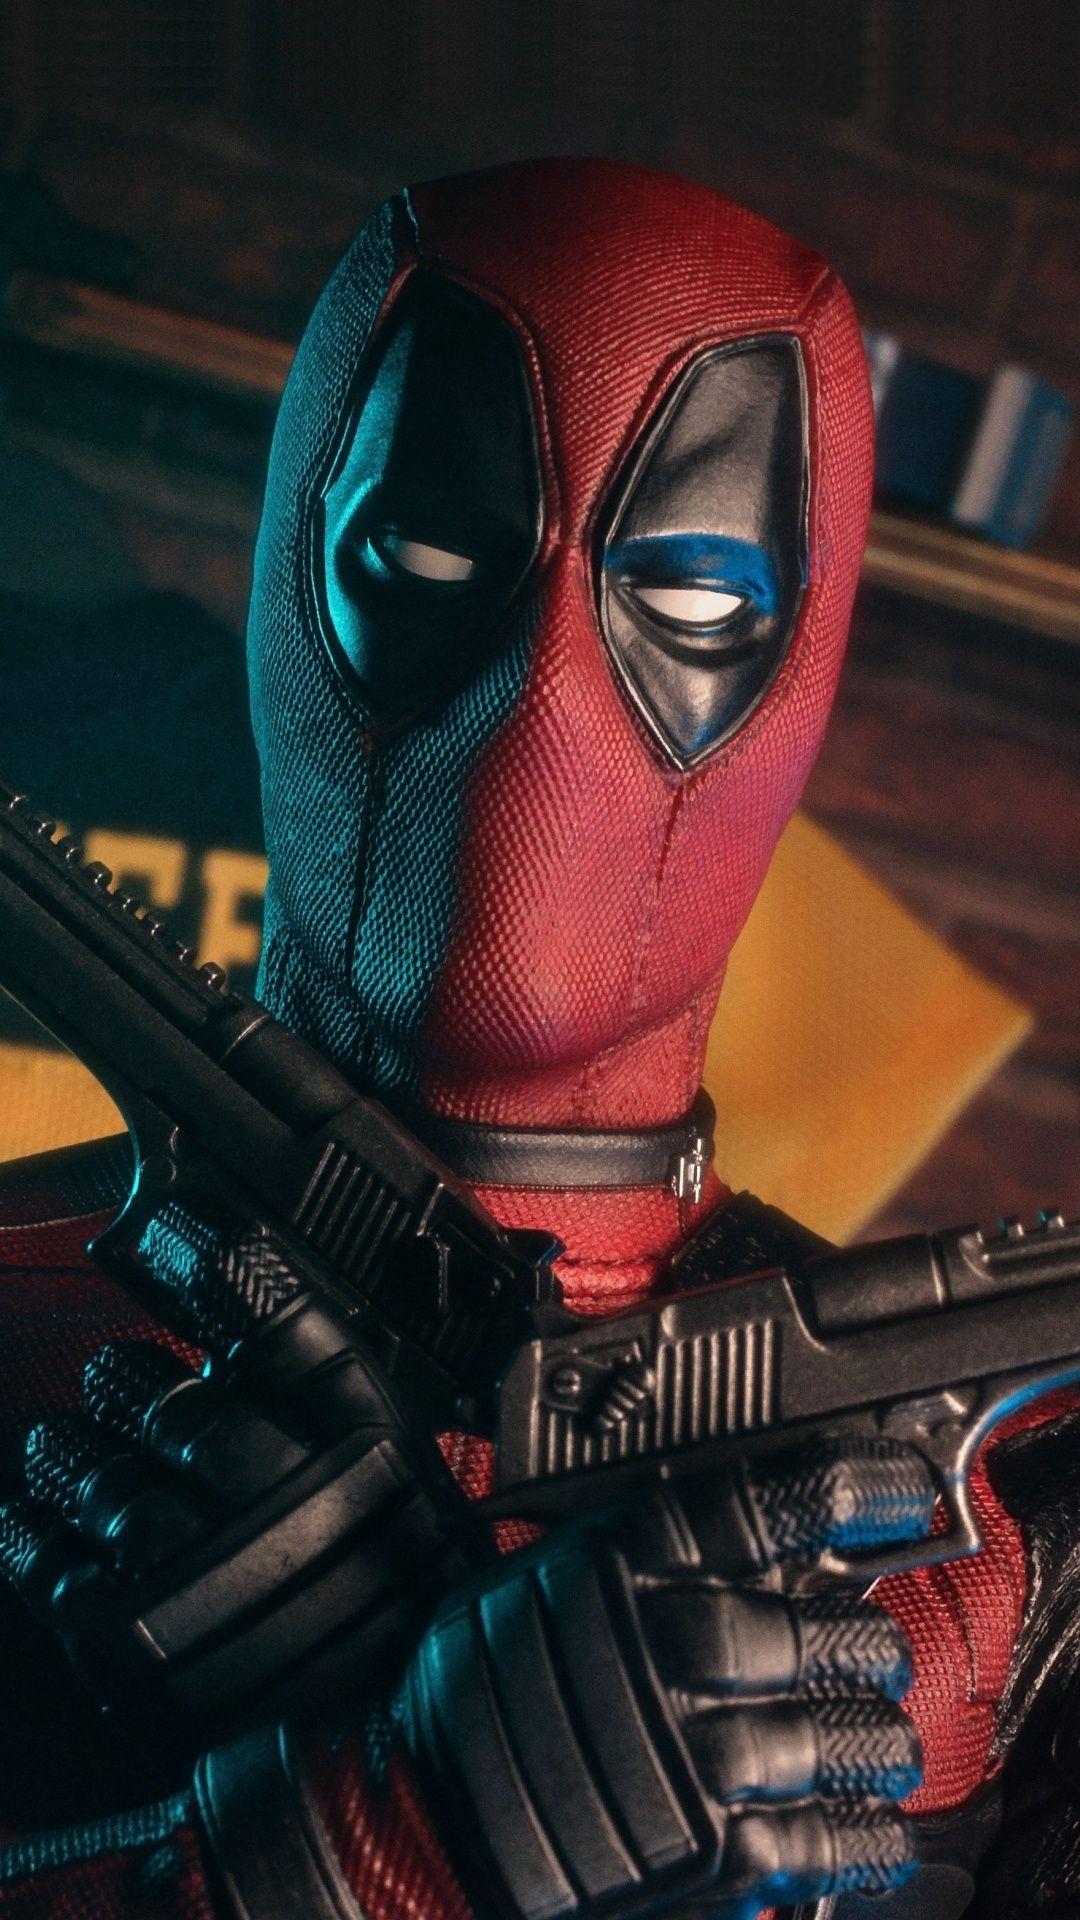 Mighty Deadpool With Guns Superhero 1080x1920 Wallpaper Deadpool Comic Deadpool Wallpaper Deadpool Artwork